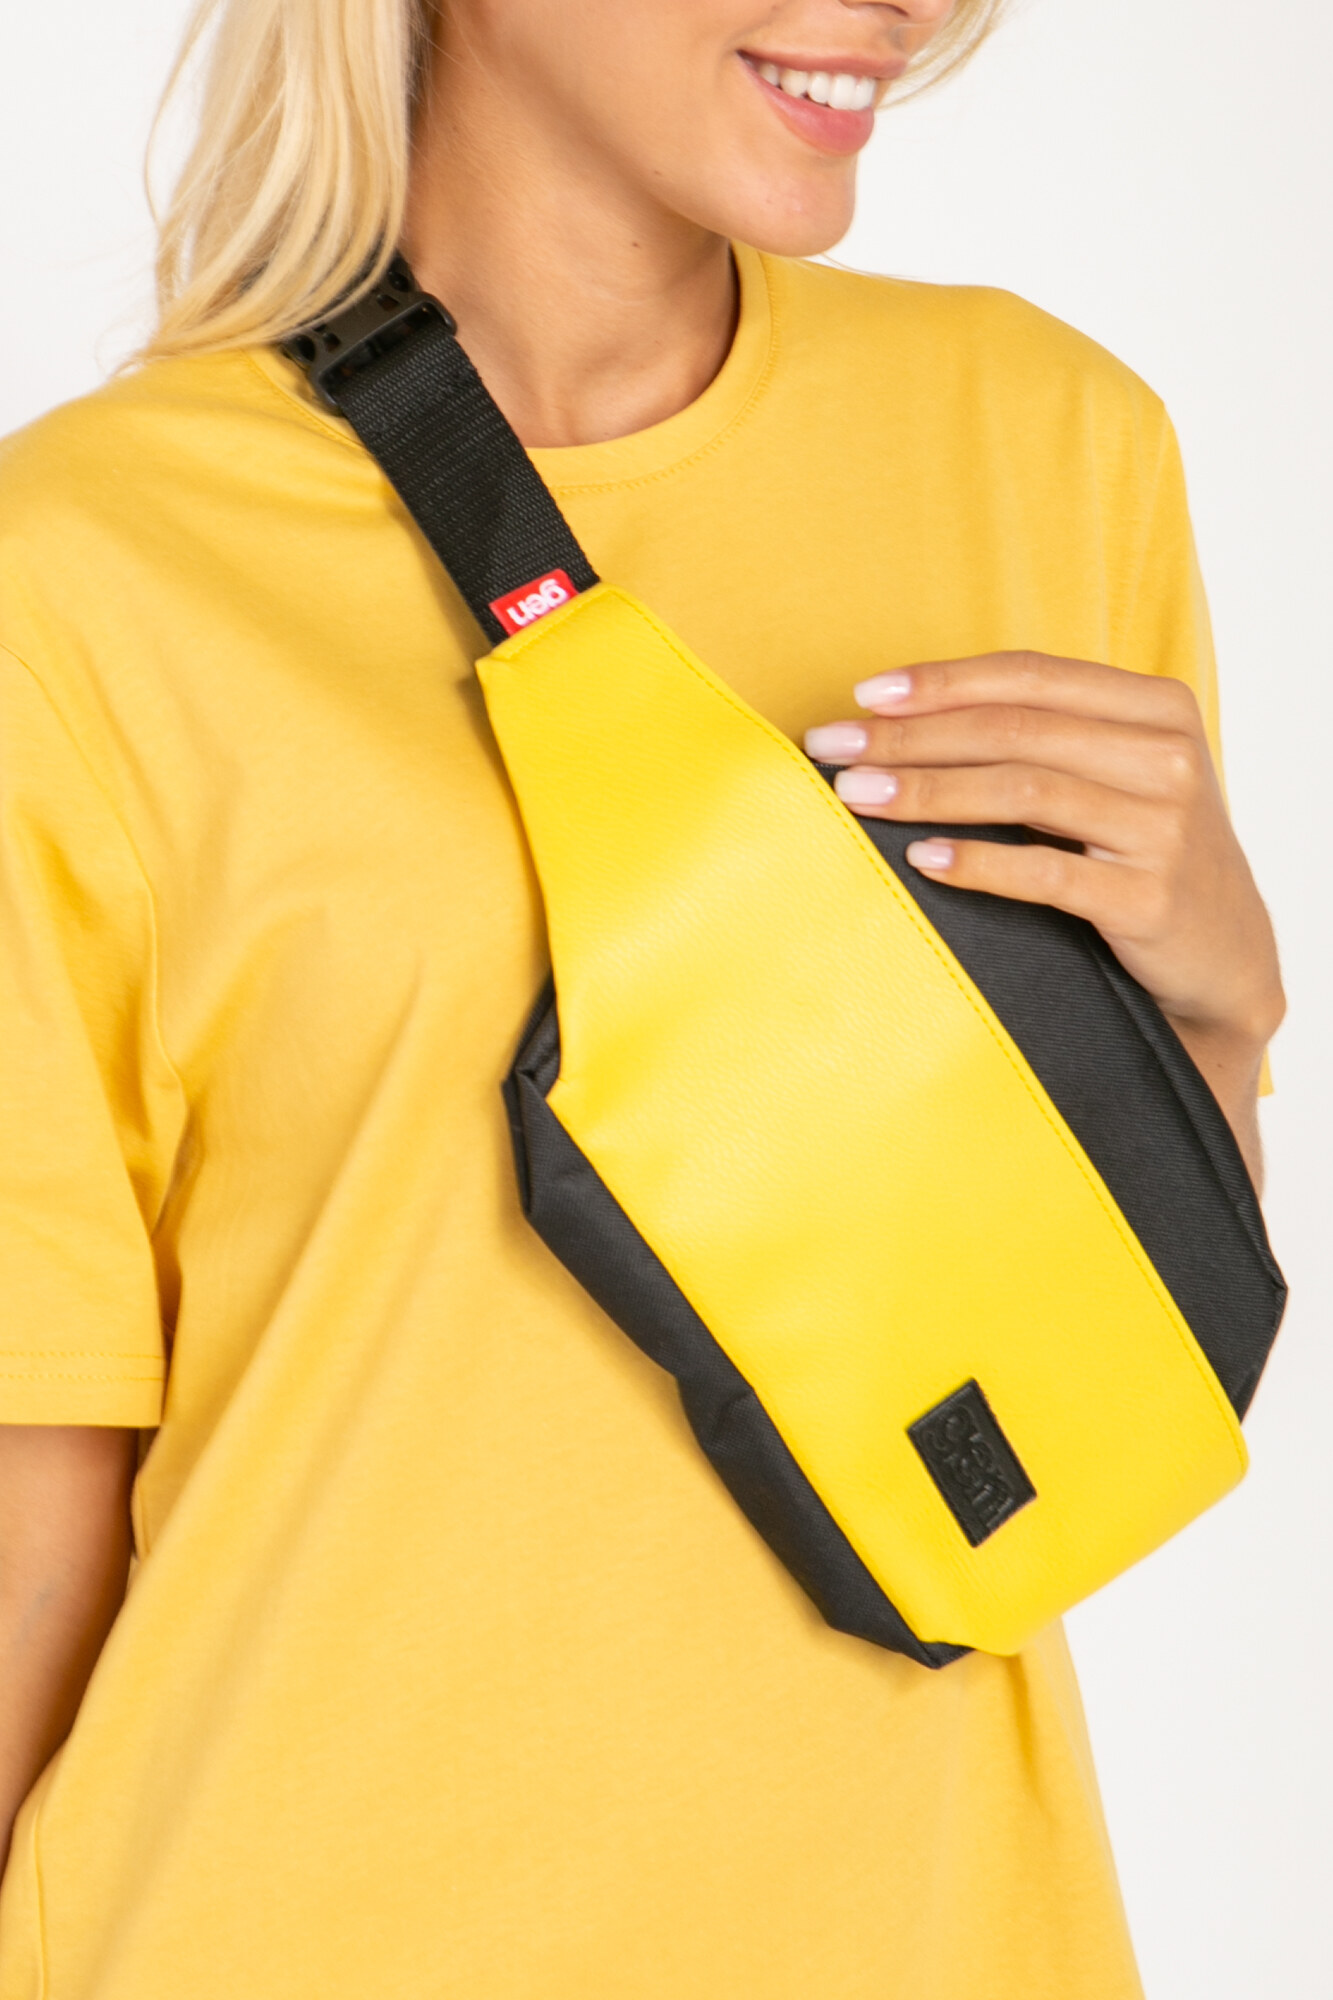 Прямоугольная сумка на пояс бананка желтого цвета на одно отделение